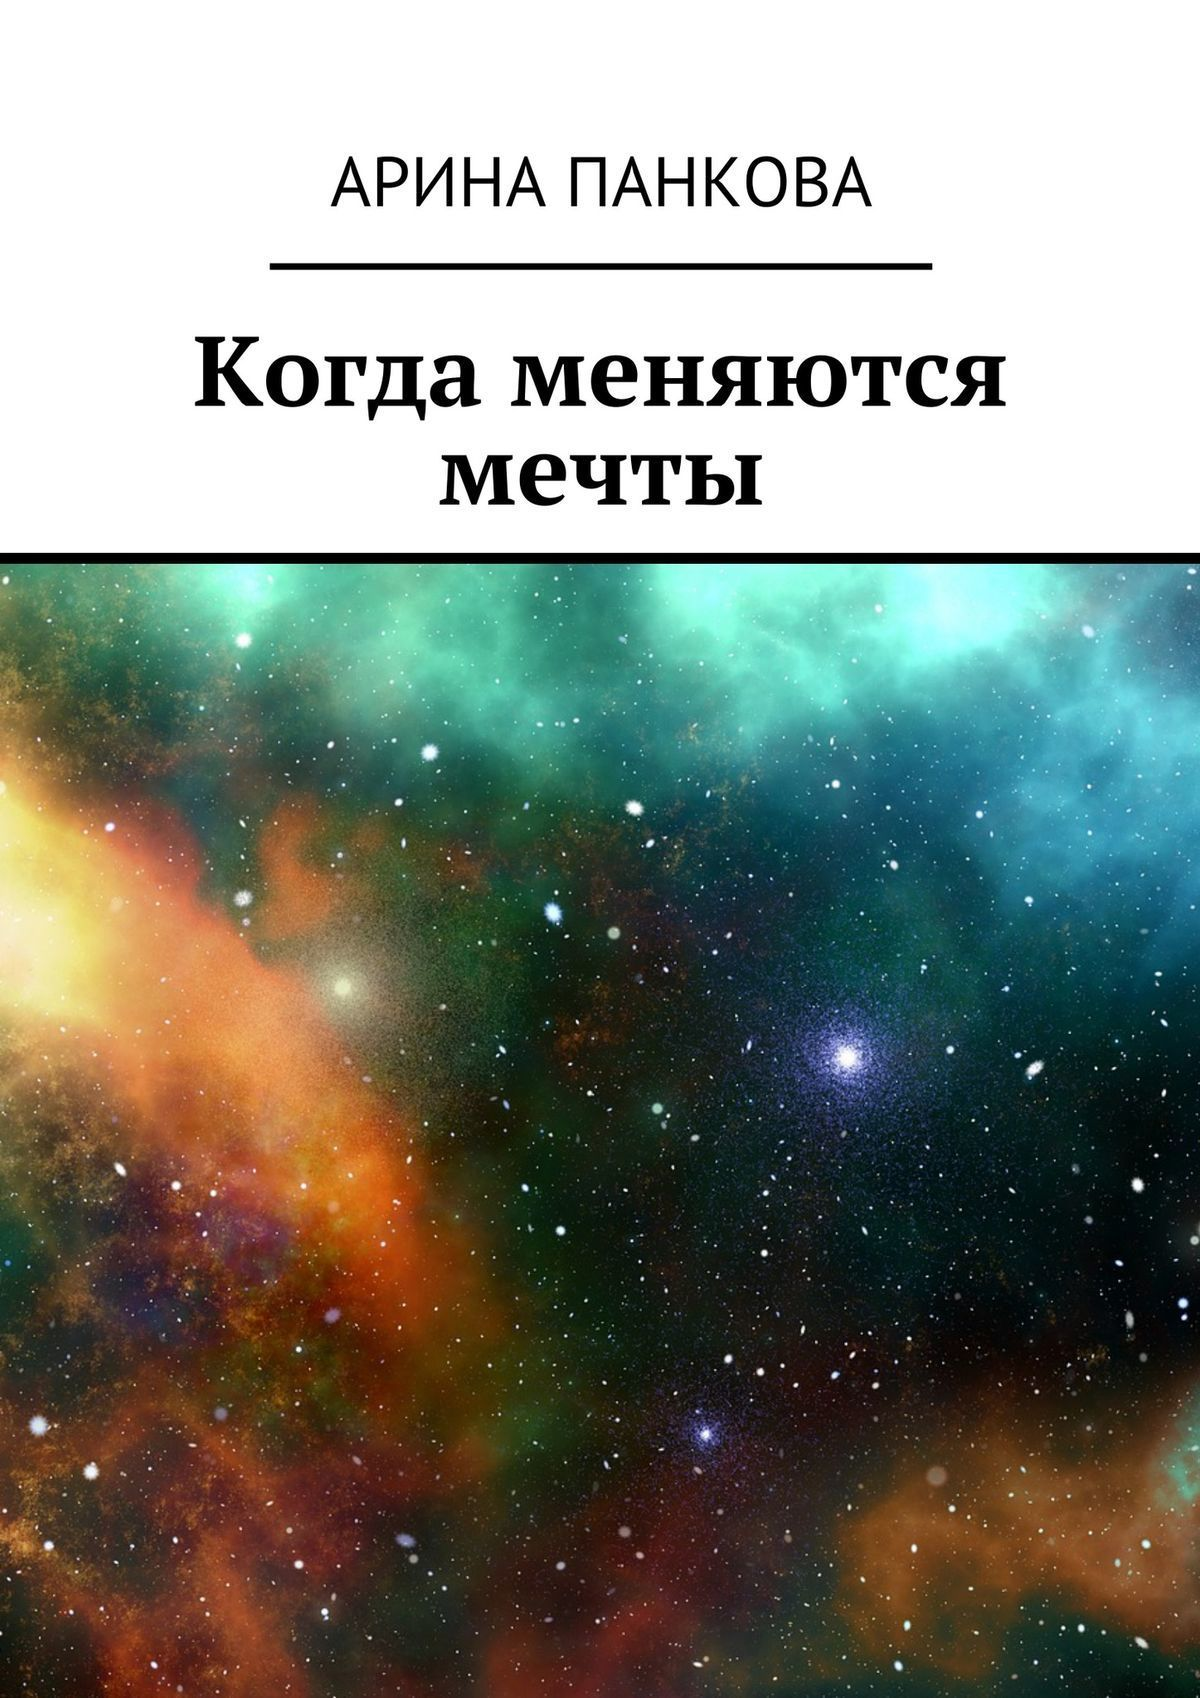 Арина Панкова Когда меняются мечты белых в вспомни сказку